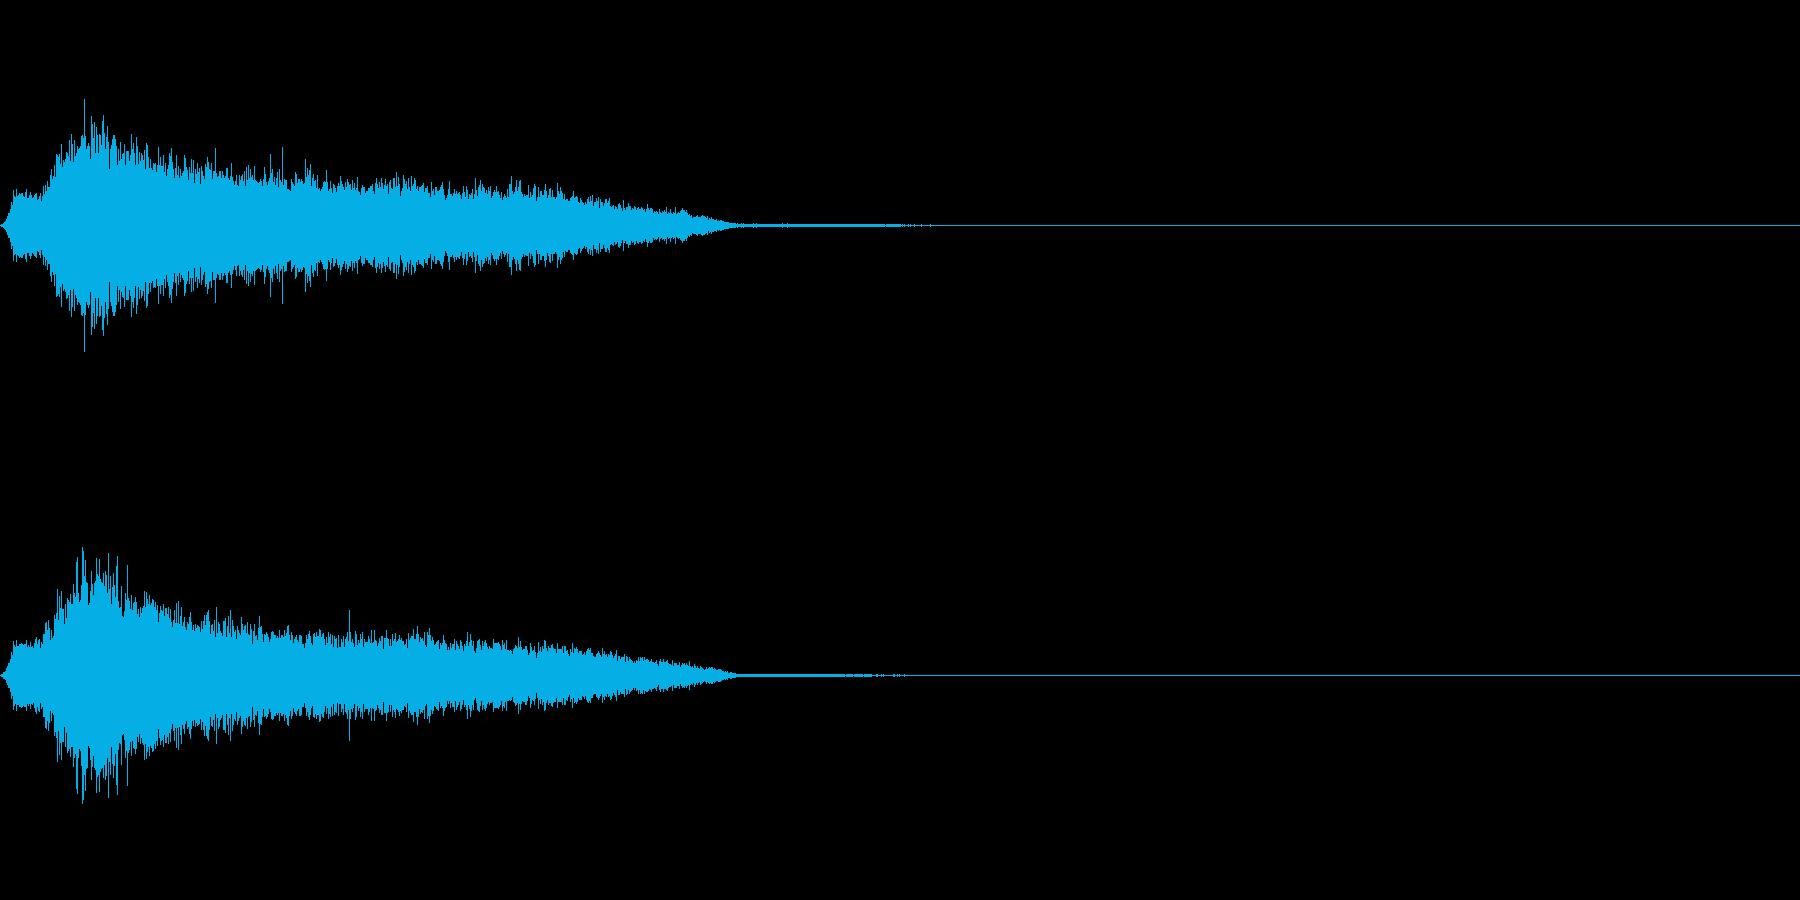 ガチャ_ゲット音(レア度S)の再生済みの波形